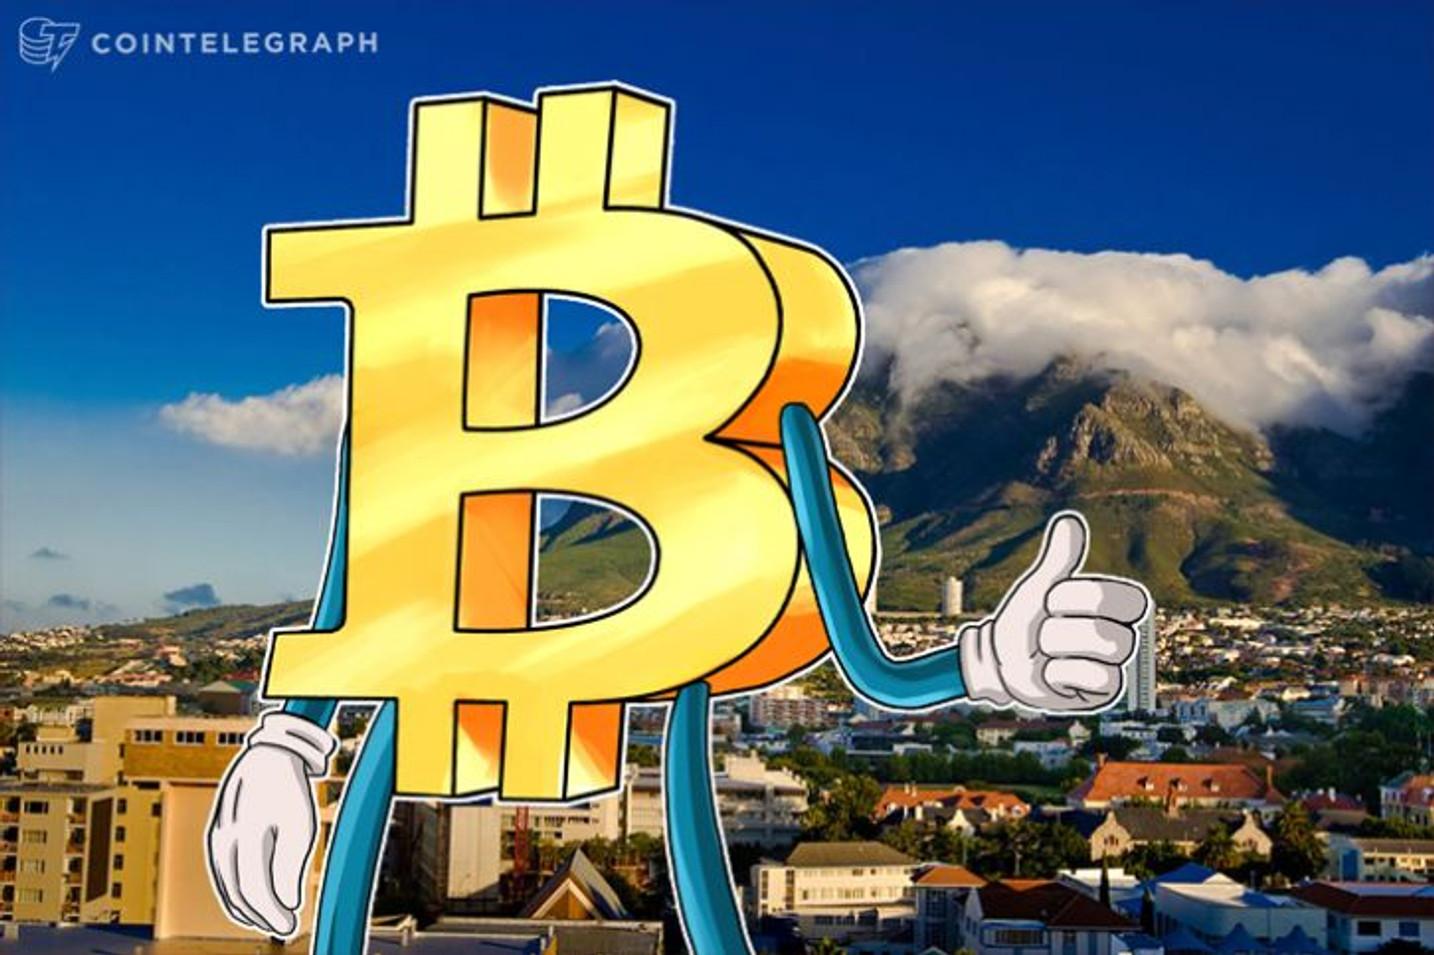 Južnoafrička Republika: Pick n Pay onlajn prodavnica prihvata bitkoin